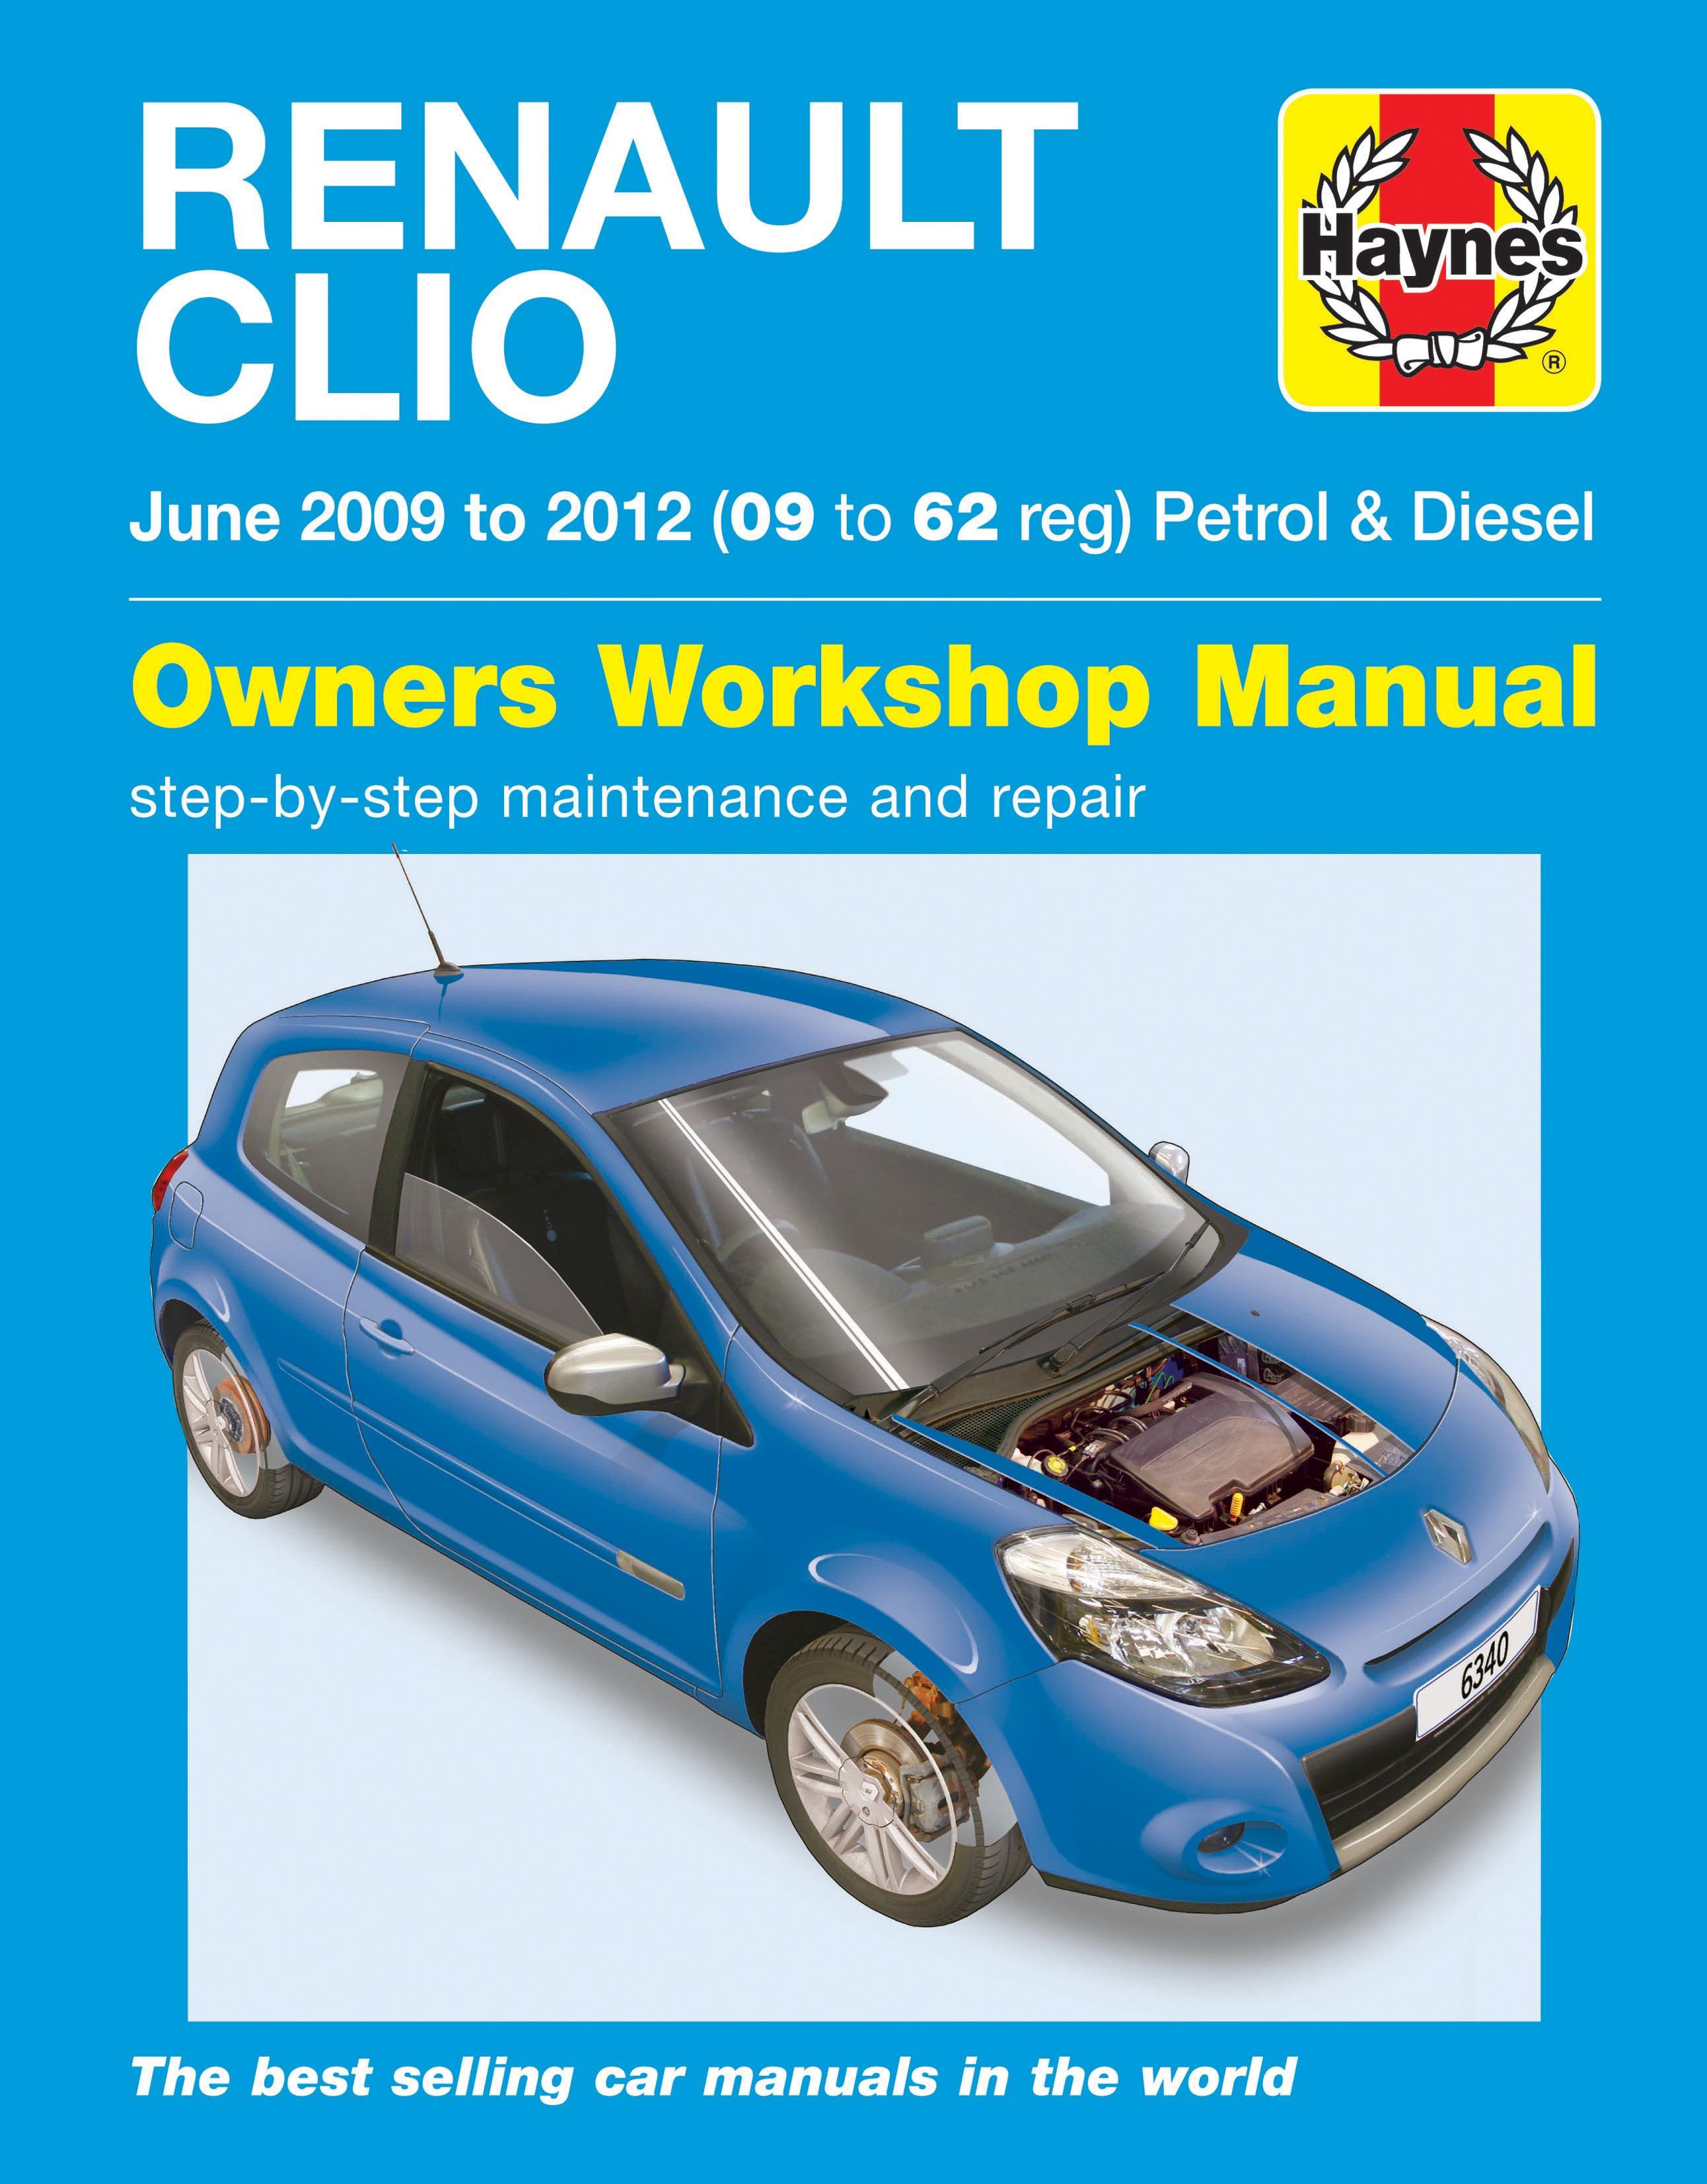 renault car manuals tutto sulle idee per le immagini di auto rh car fernandotarnogol com 1996 Renault Twingo Renault Twingo 2000